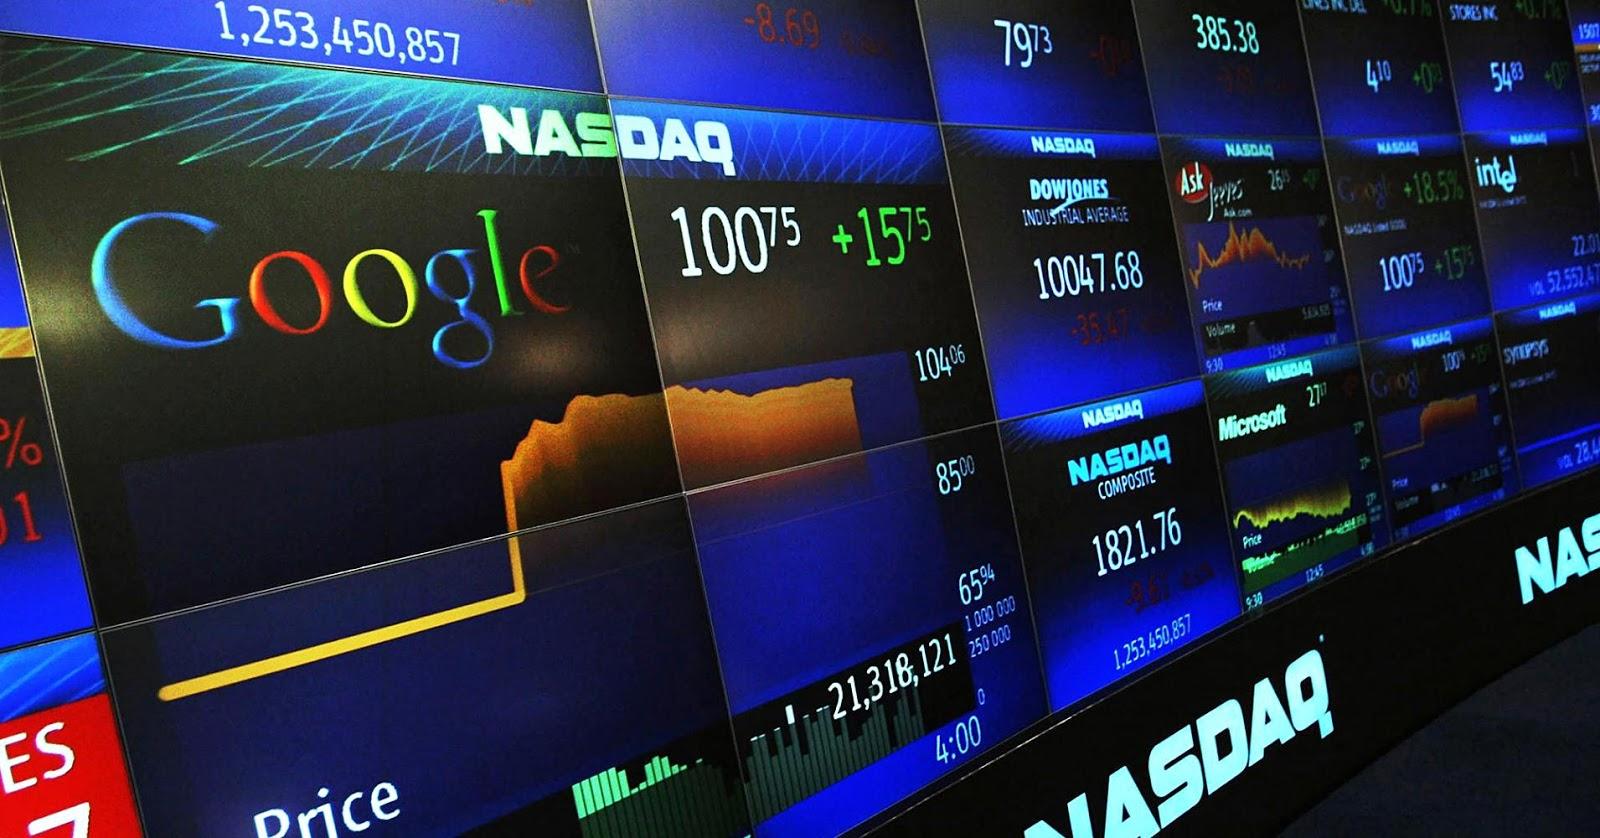 2月8日 【NASDAQ 】証券取引開始